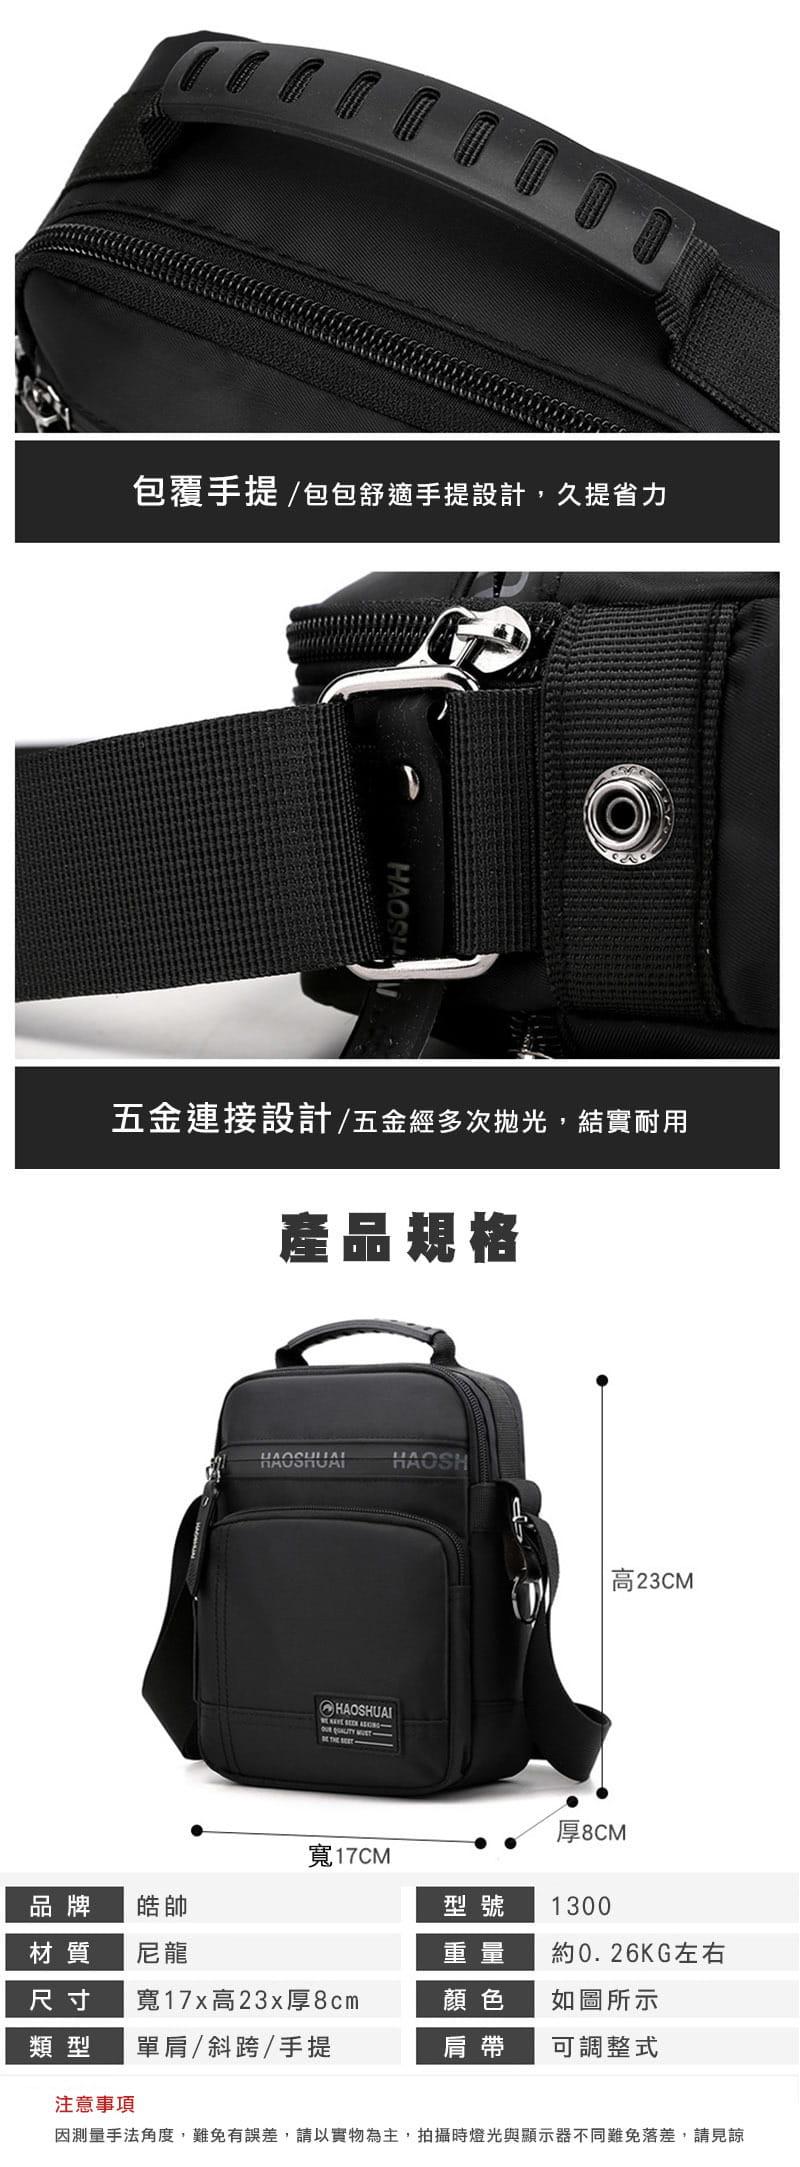 HAOSHUAI【休閒手提斜跨兩用包】(黑色)肩背包 斜背包 單肩包 手提包 1300# 10